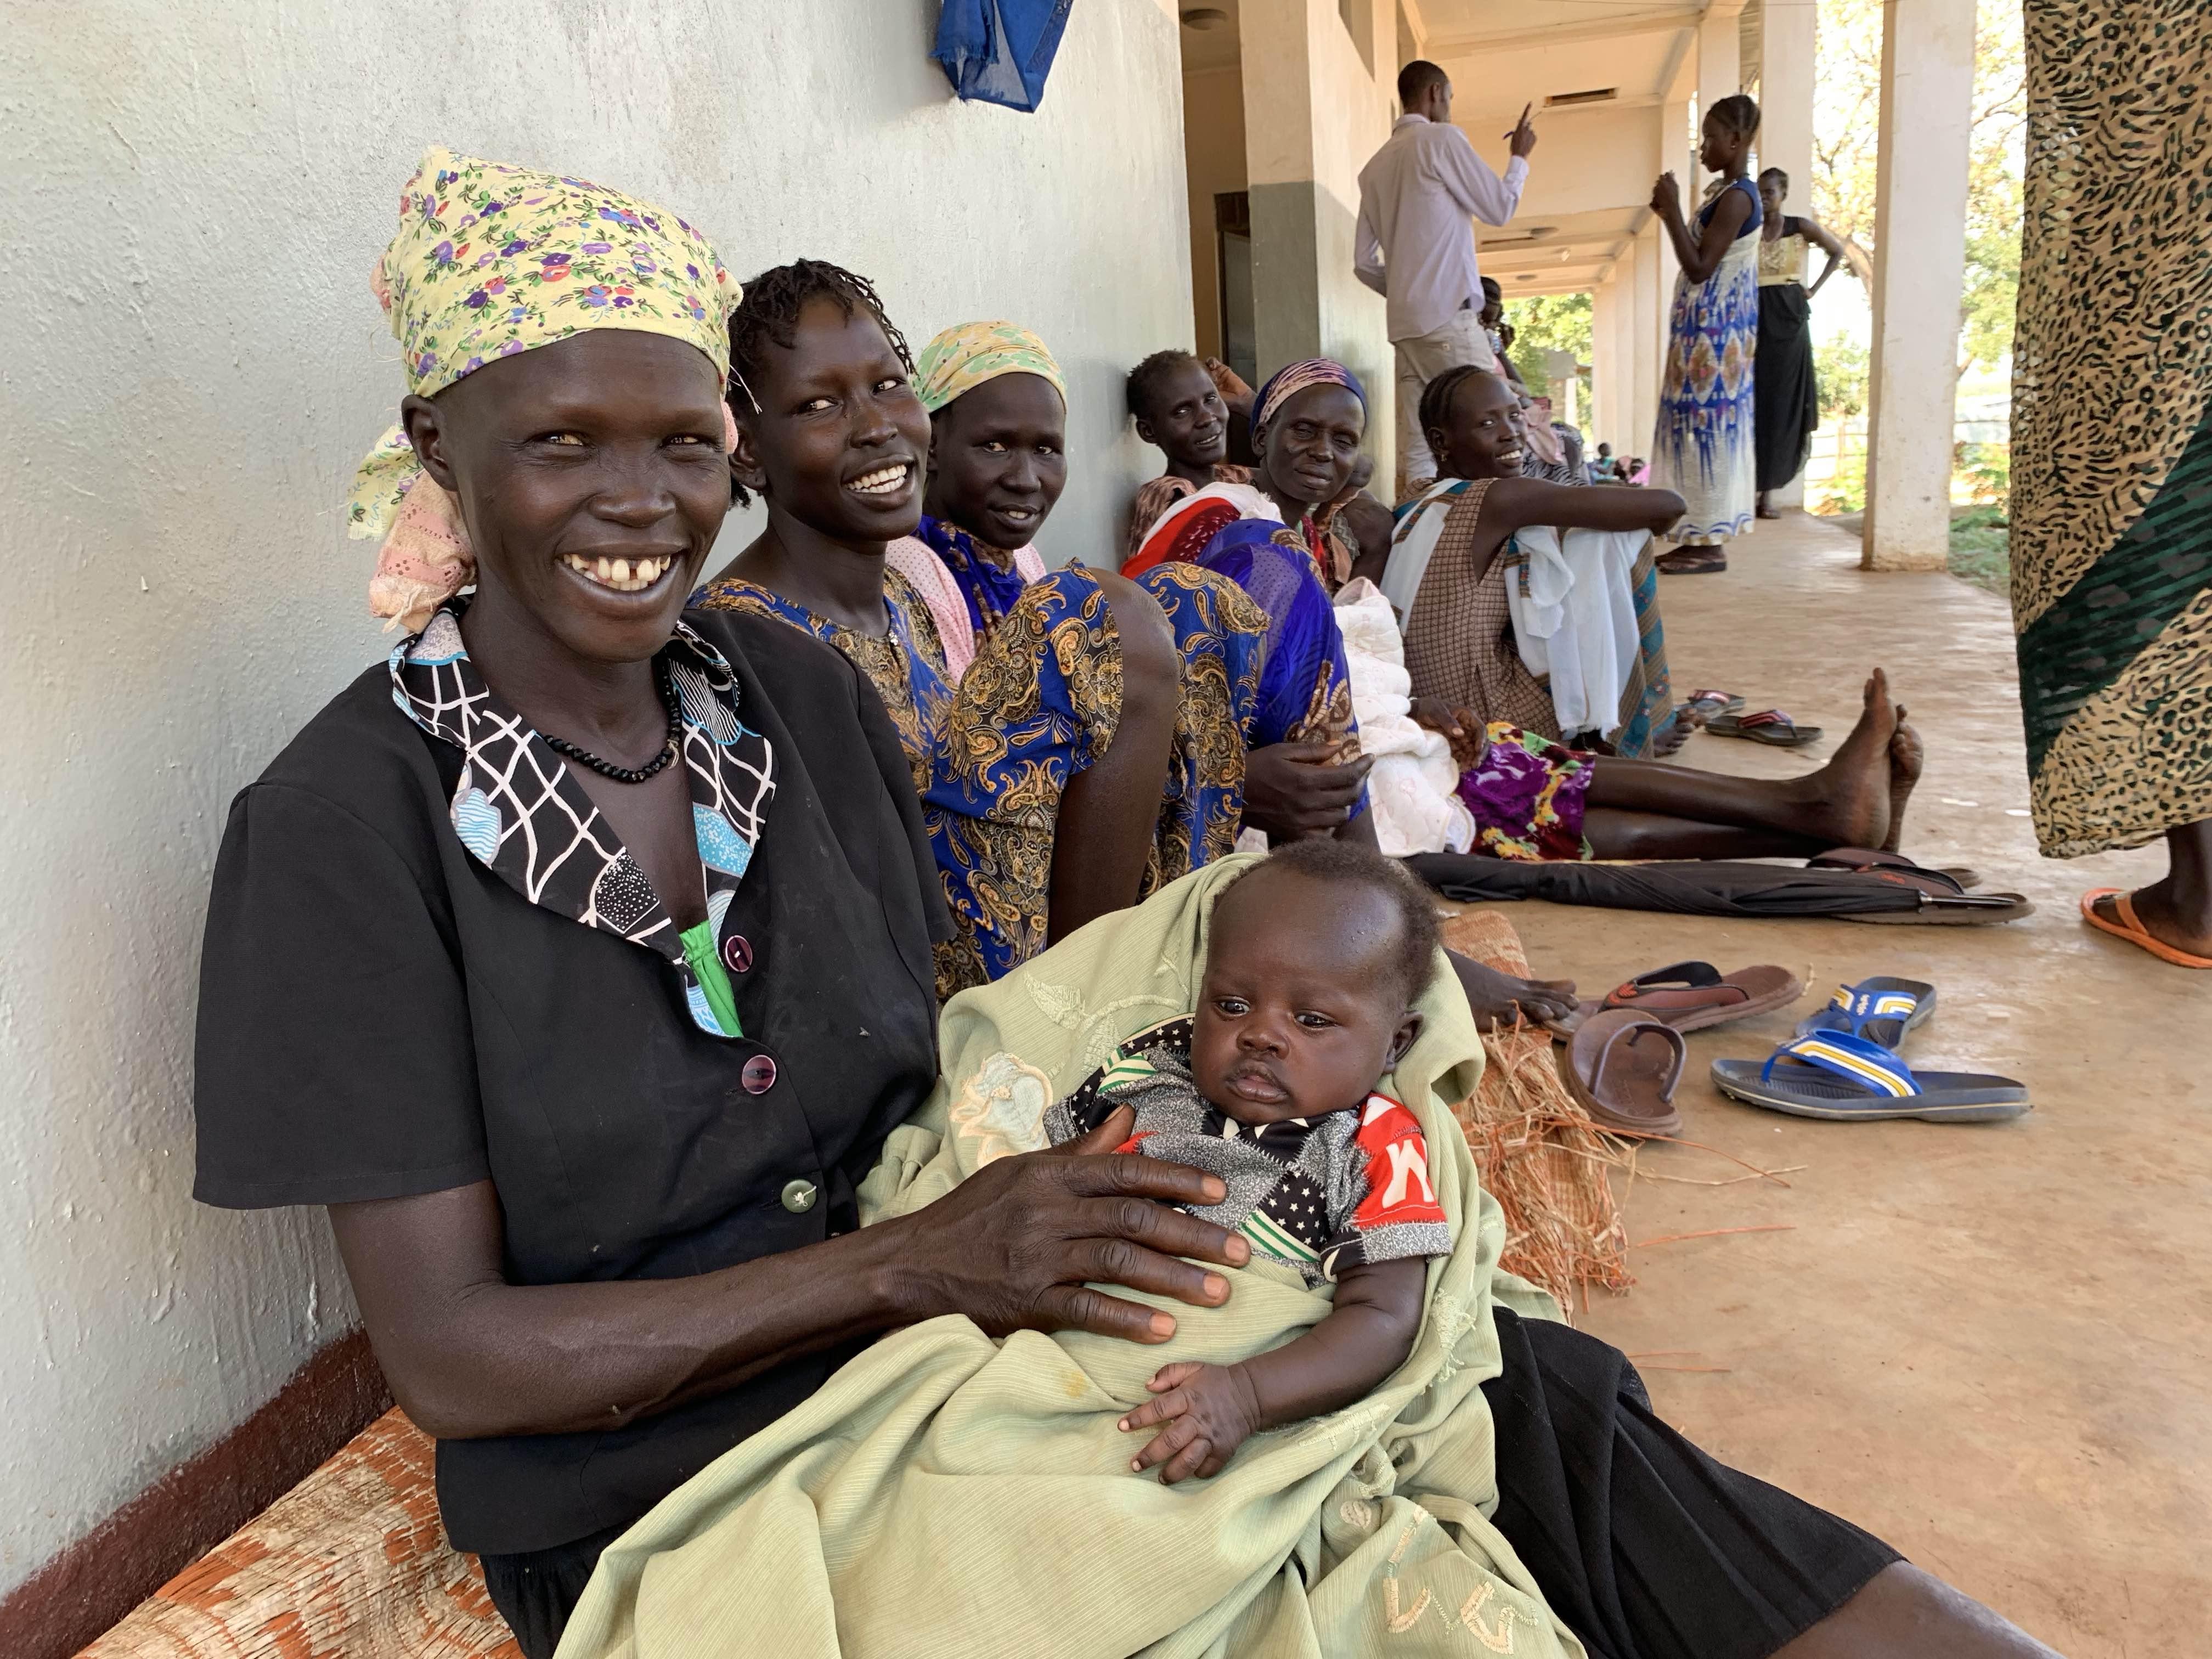 planbørnefonden, flygtningelejr, mor, barn, flygtninge, flygtning, afrika, etiopien